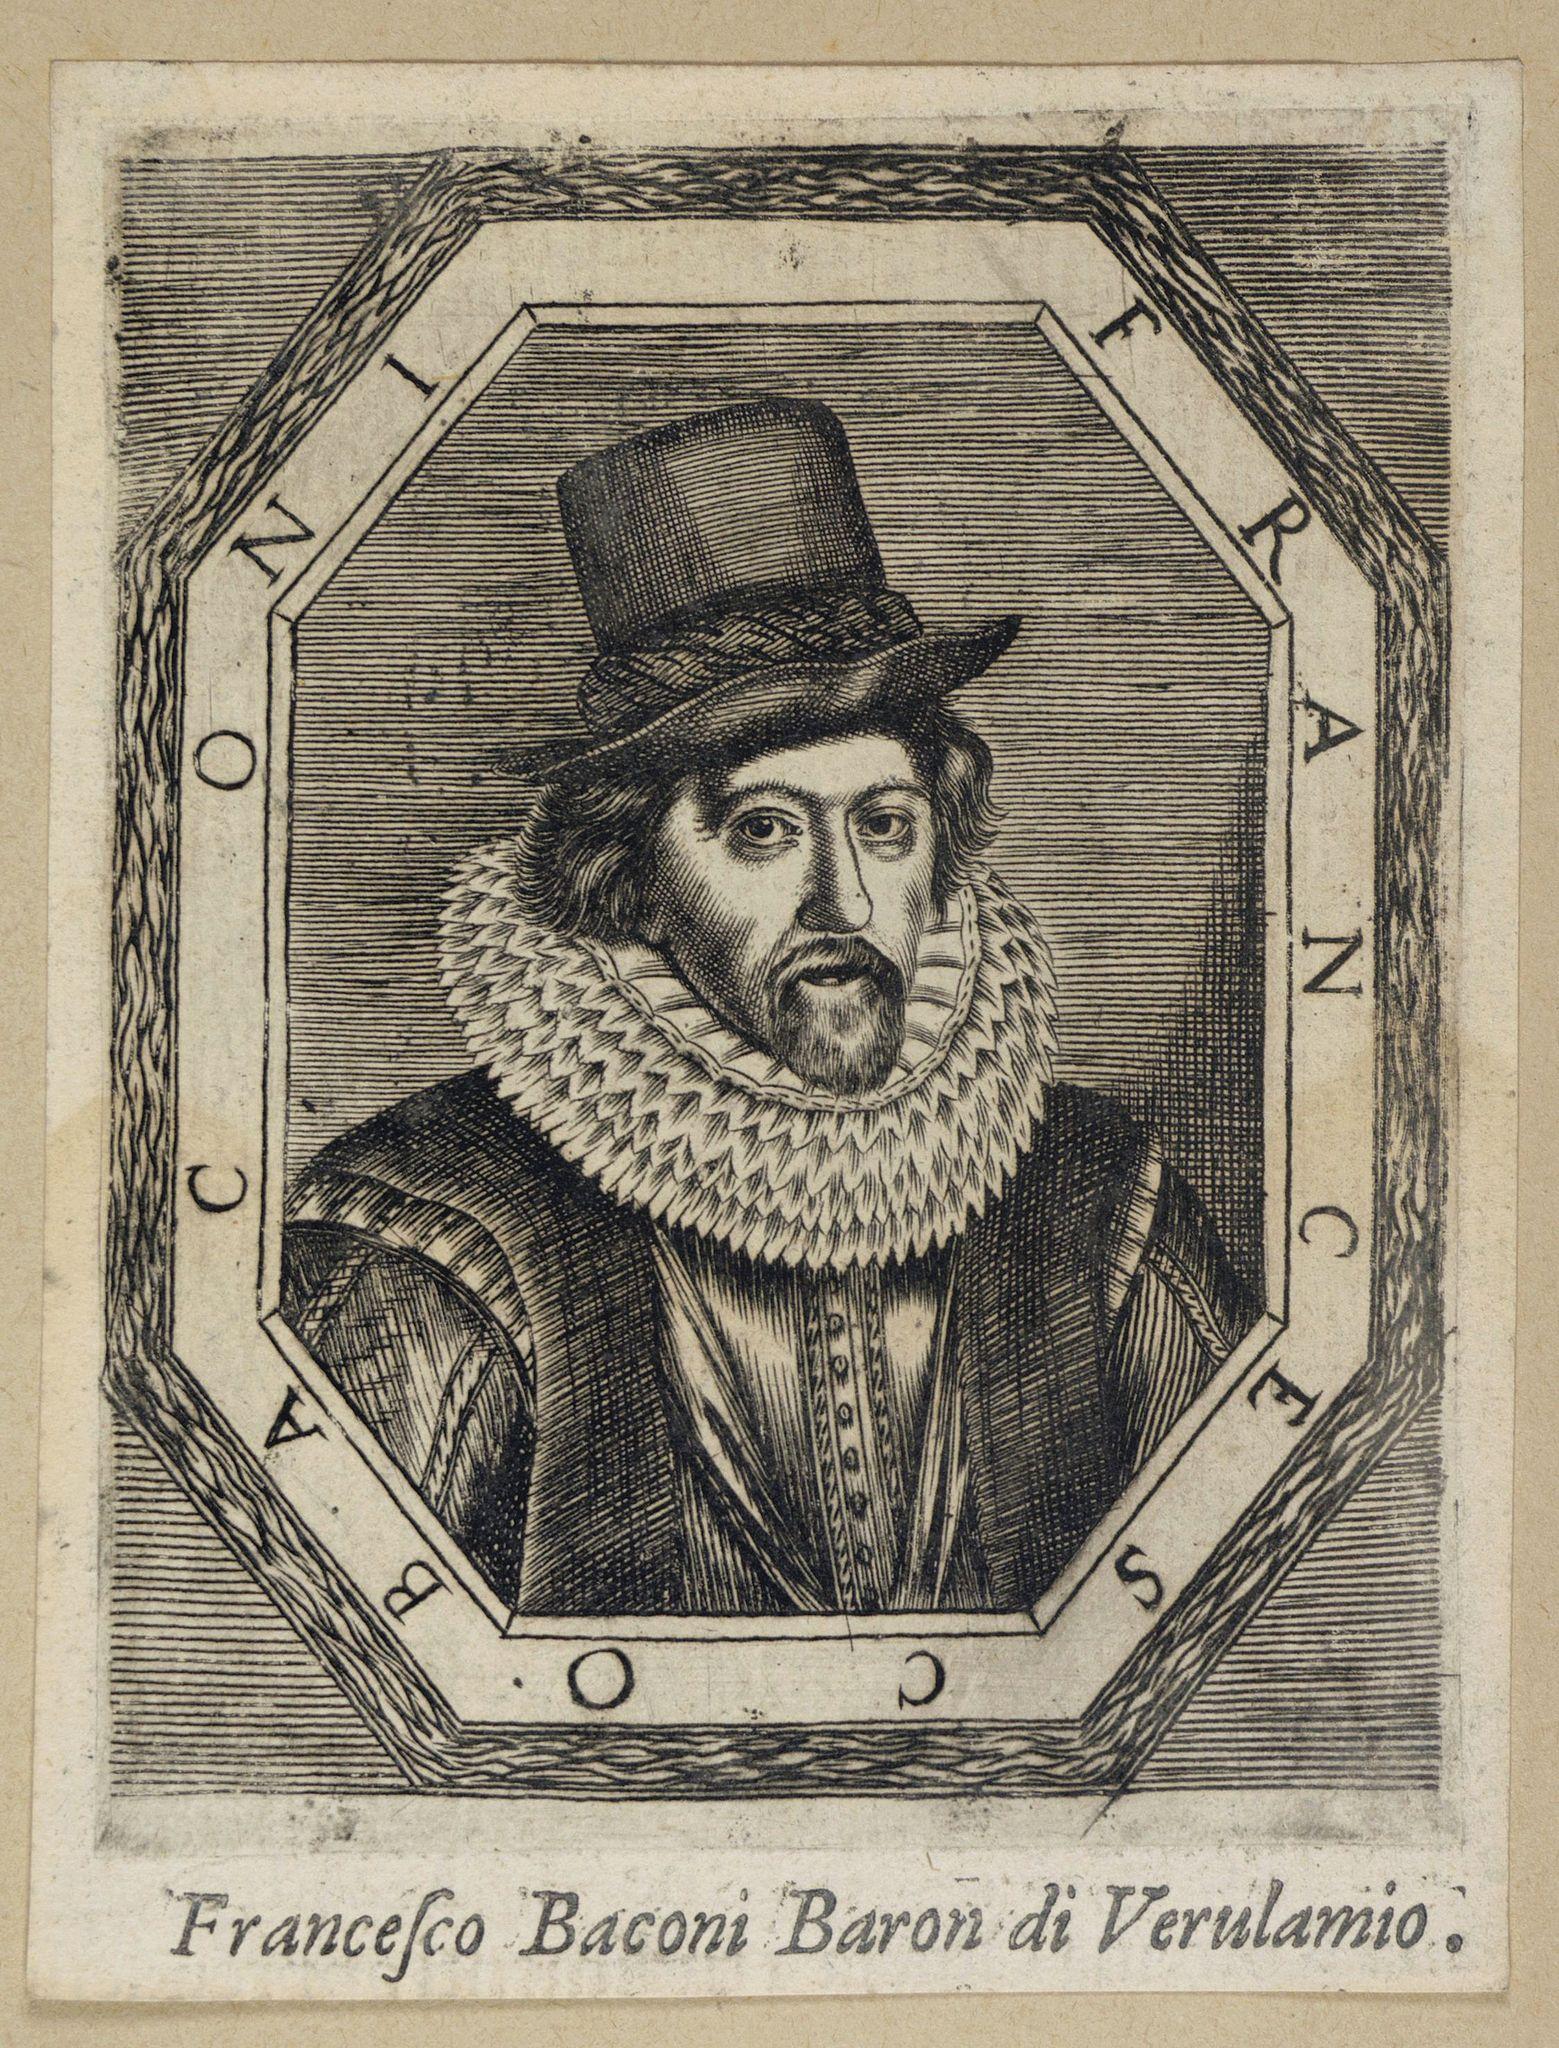 ANONYMOUS -  Francesco Baconi Baron di Verulamio.